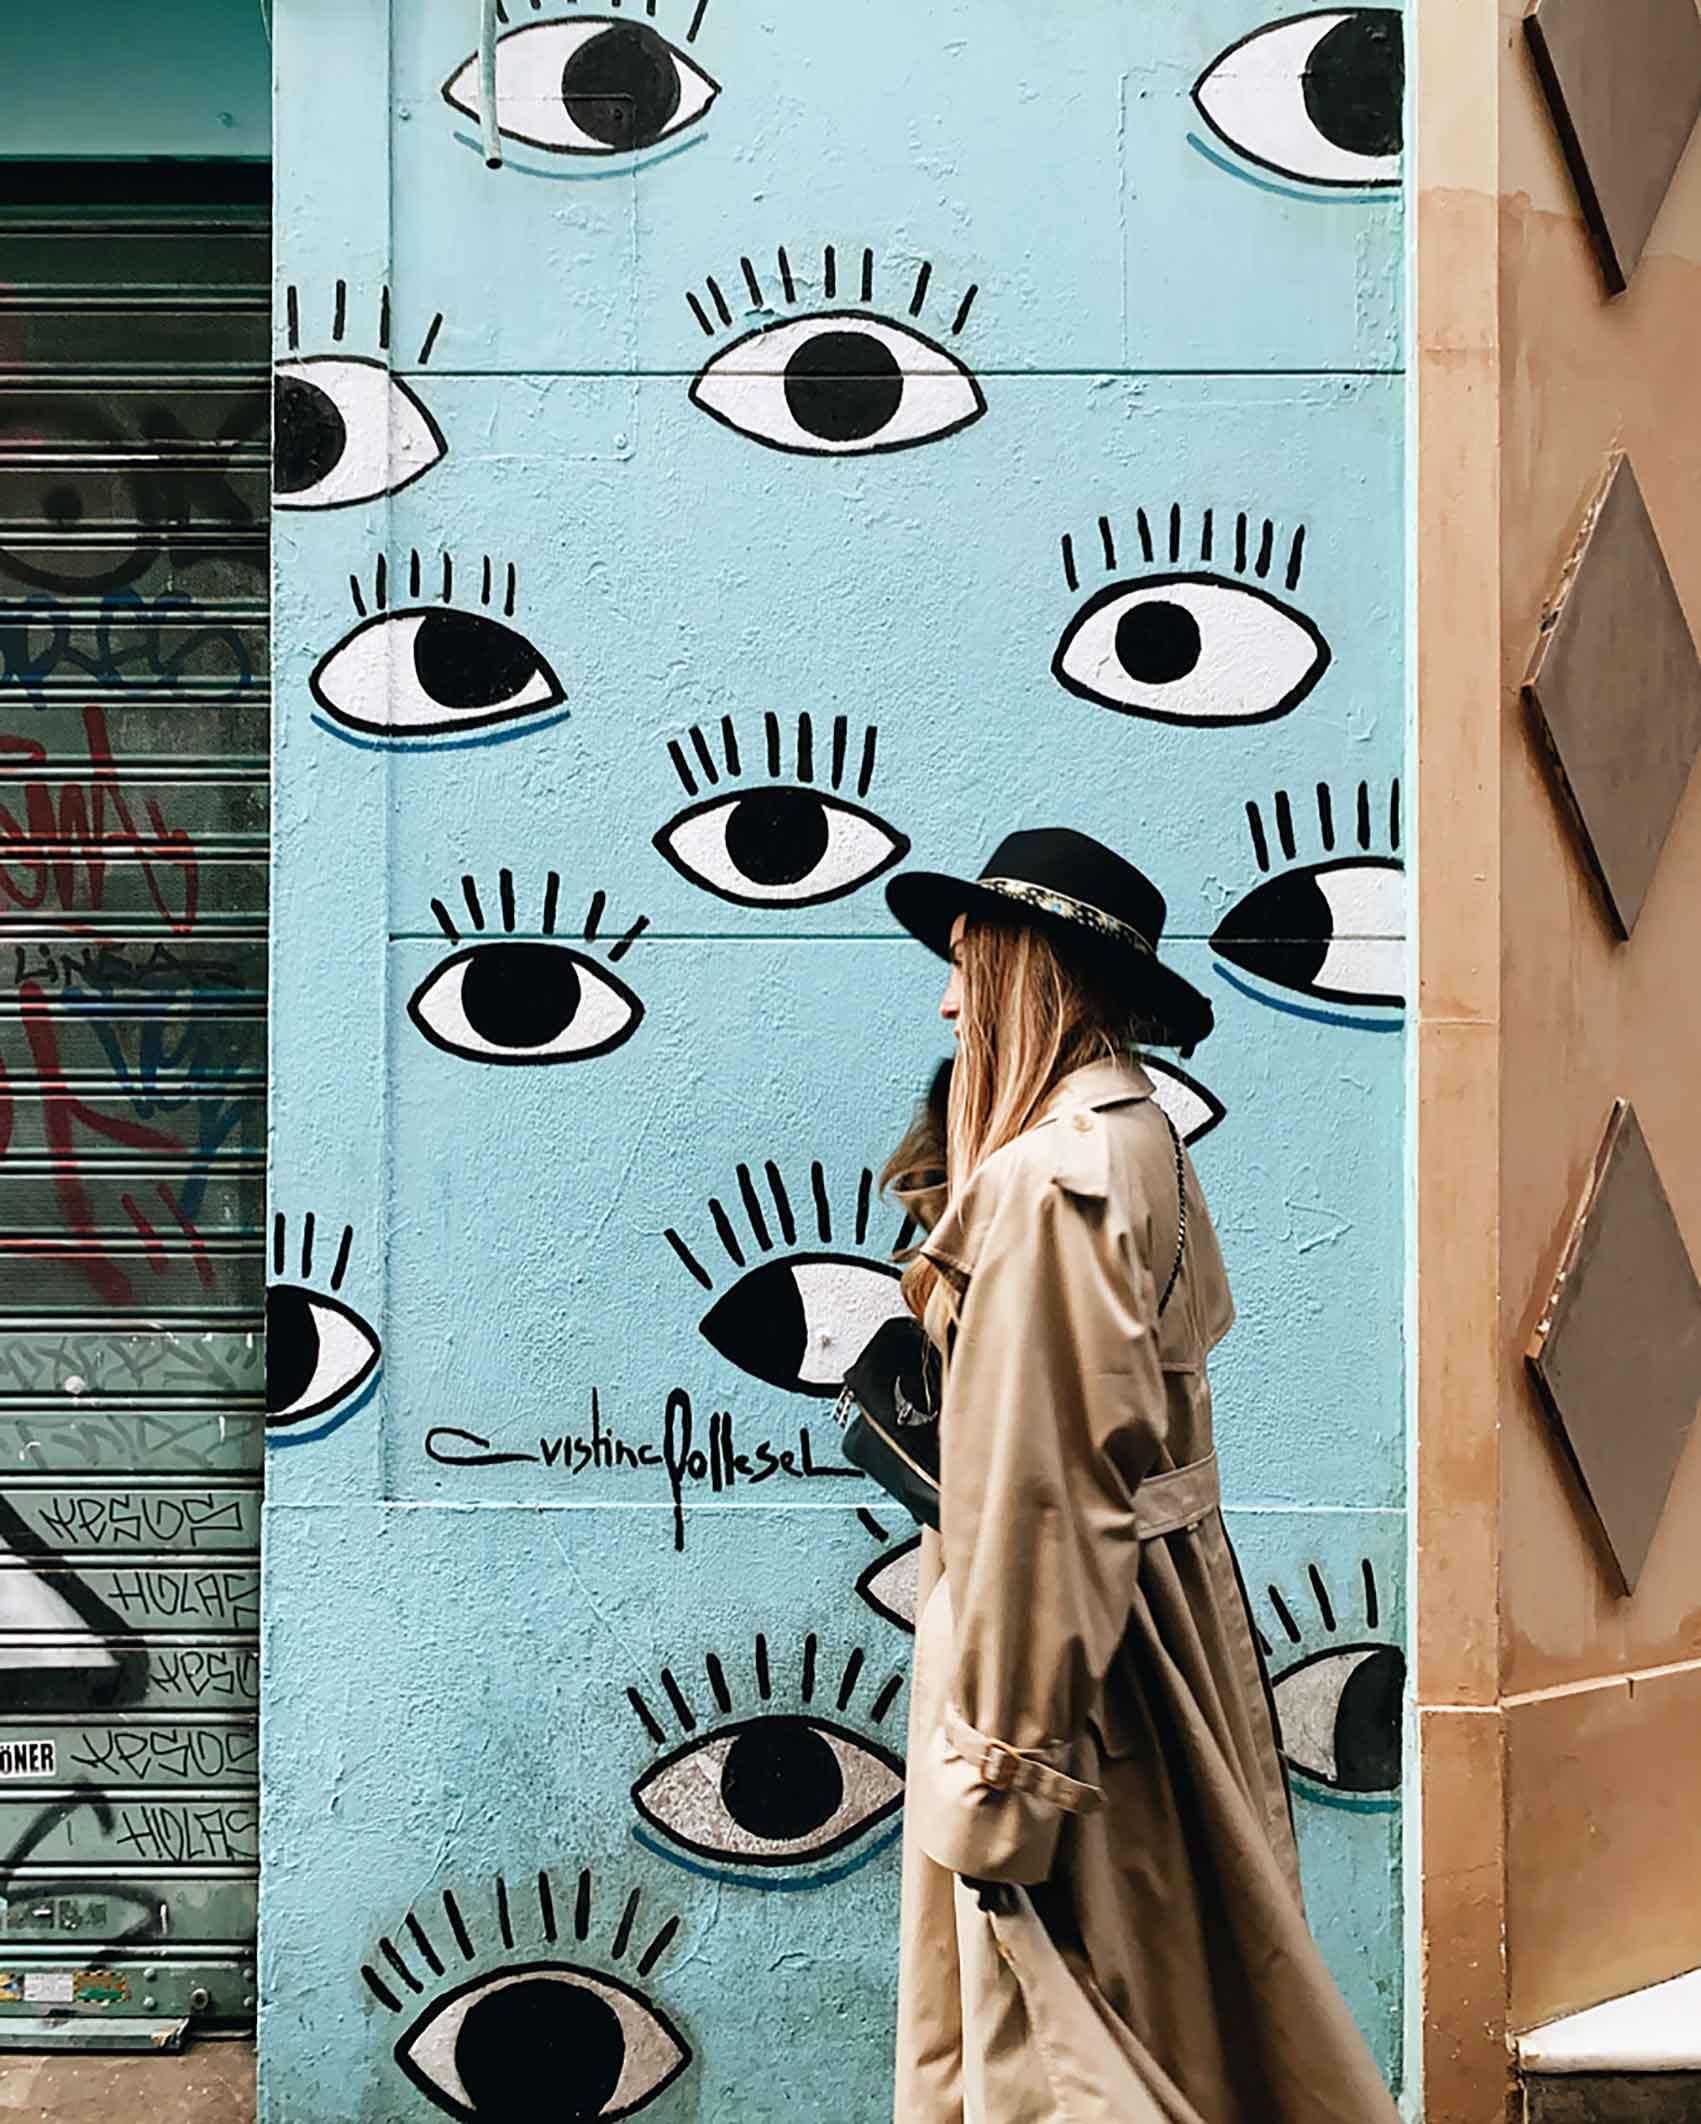 נטע אילוז, קולקציית גמר, ויצו חיפה, התקף חרדה, הפרעה נפשית, חדשות האופנה